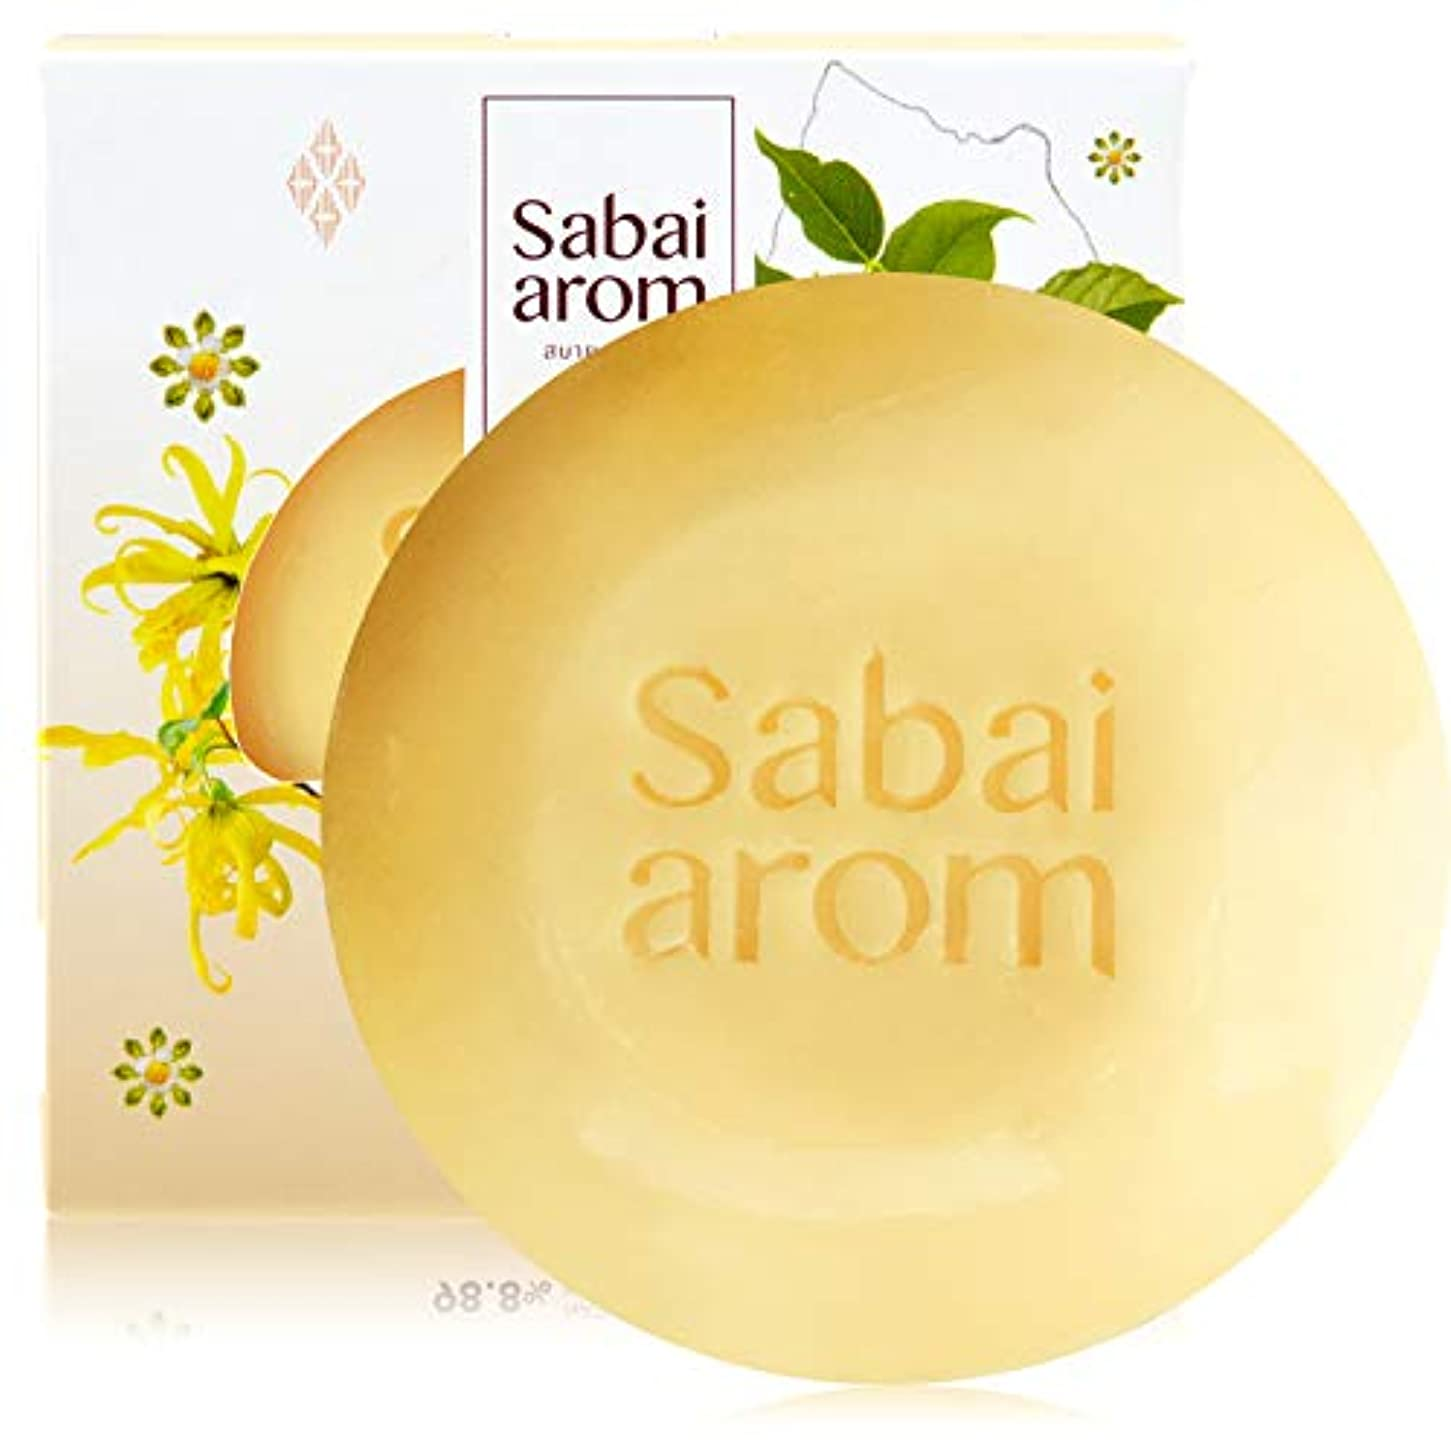 エラー合体再編成するサバイアロム(Sabai-arom) ロイヤル サイアミーズ ブロッサムズ フェイス&ボディソープバー (石鹸) 100g【SB】【001】